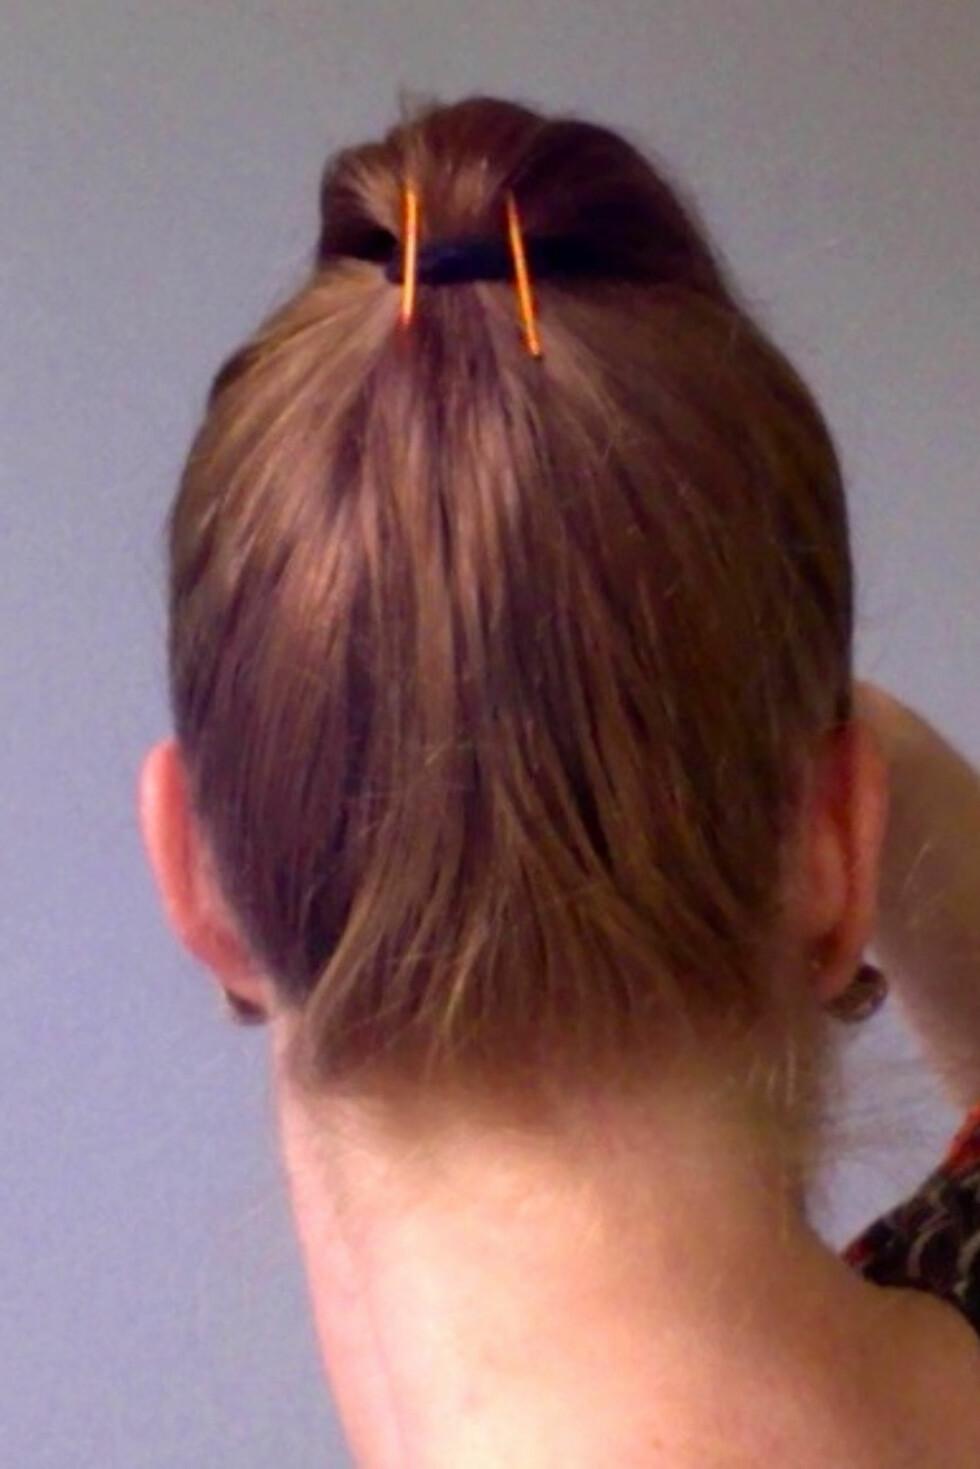 Flipp håret framover mens du fester to hårnåler på undersiden av hestehalen, gjennom hårstrikken. La dem stikke litt opp for å gi deg løftet.  Foto: Aina Kristiansen